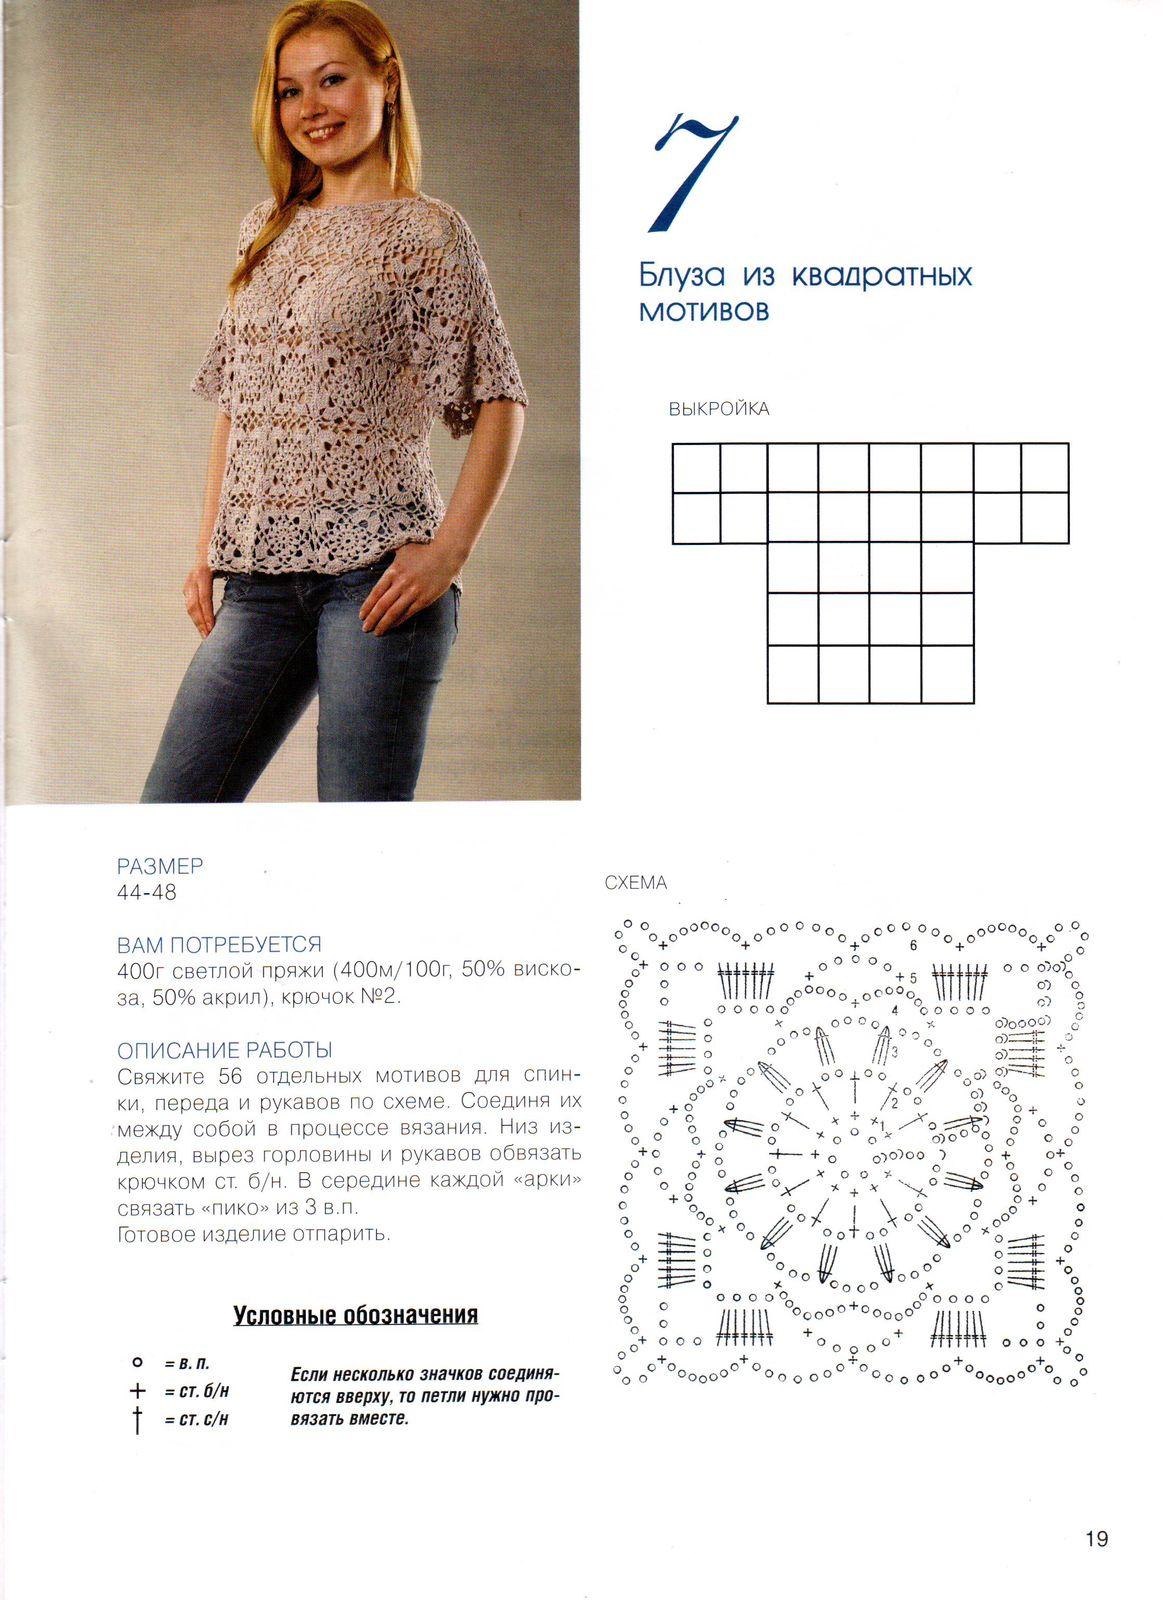 Кофточки квадратных мотивов крючком со схемами